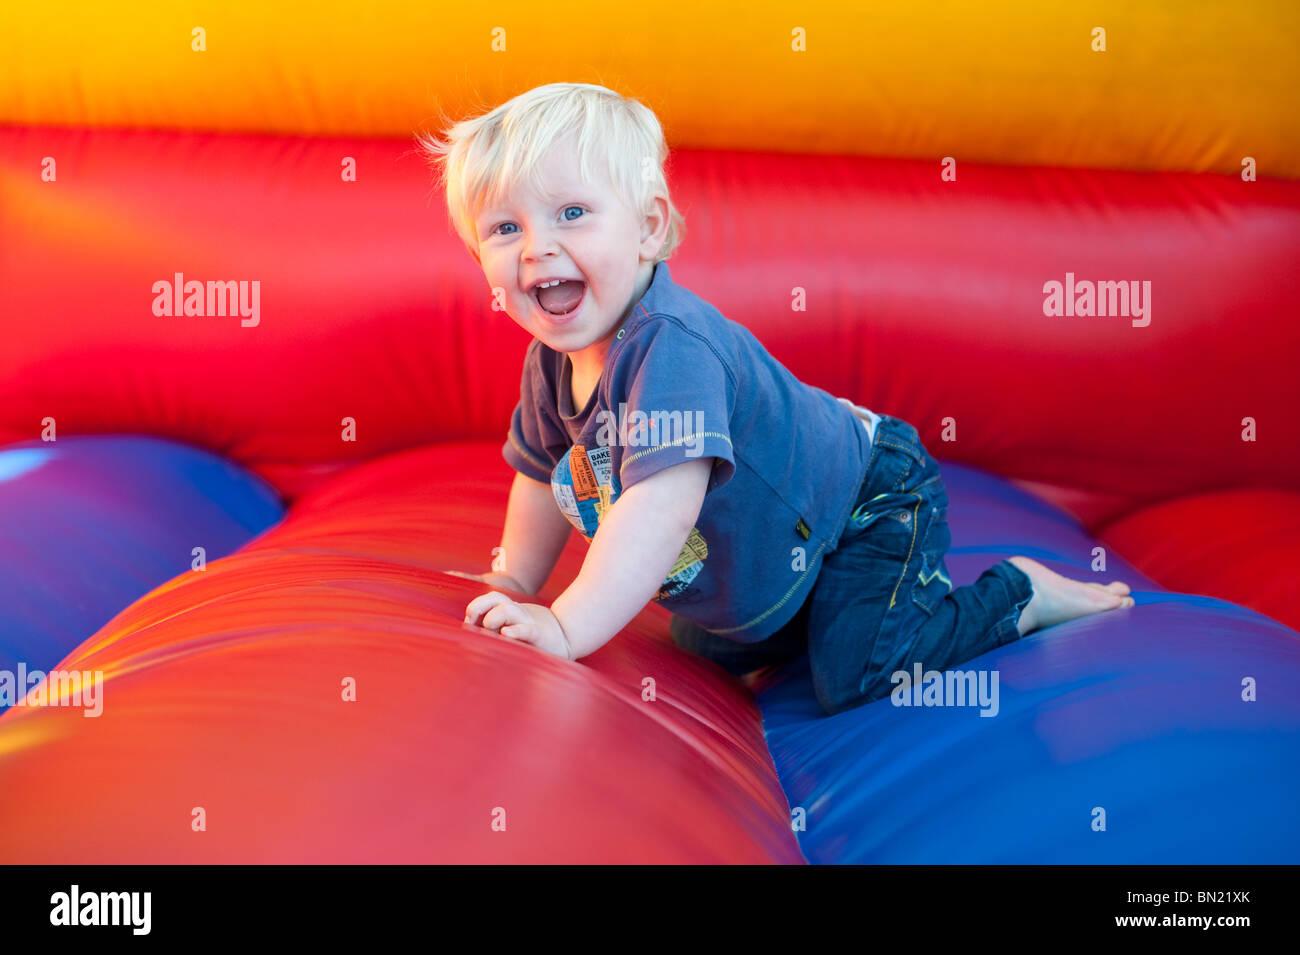 Bot-Kleinkind mit blonden Haaren auf der Hüpfburg spielen Stockbild